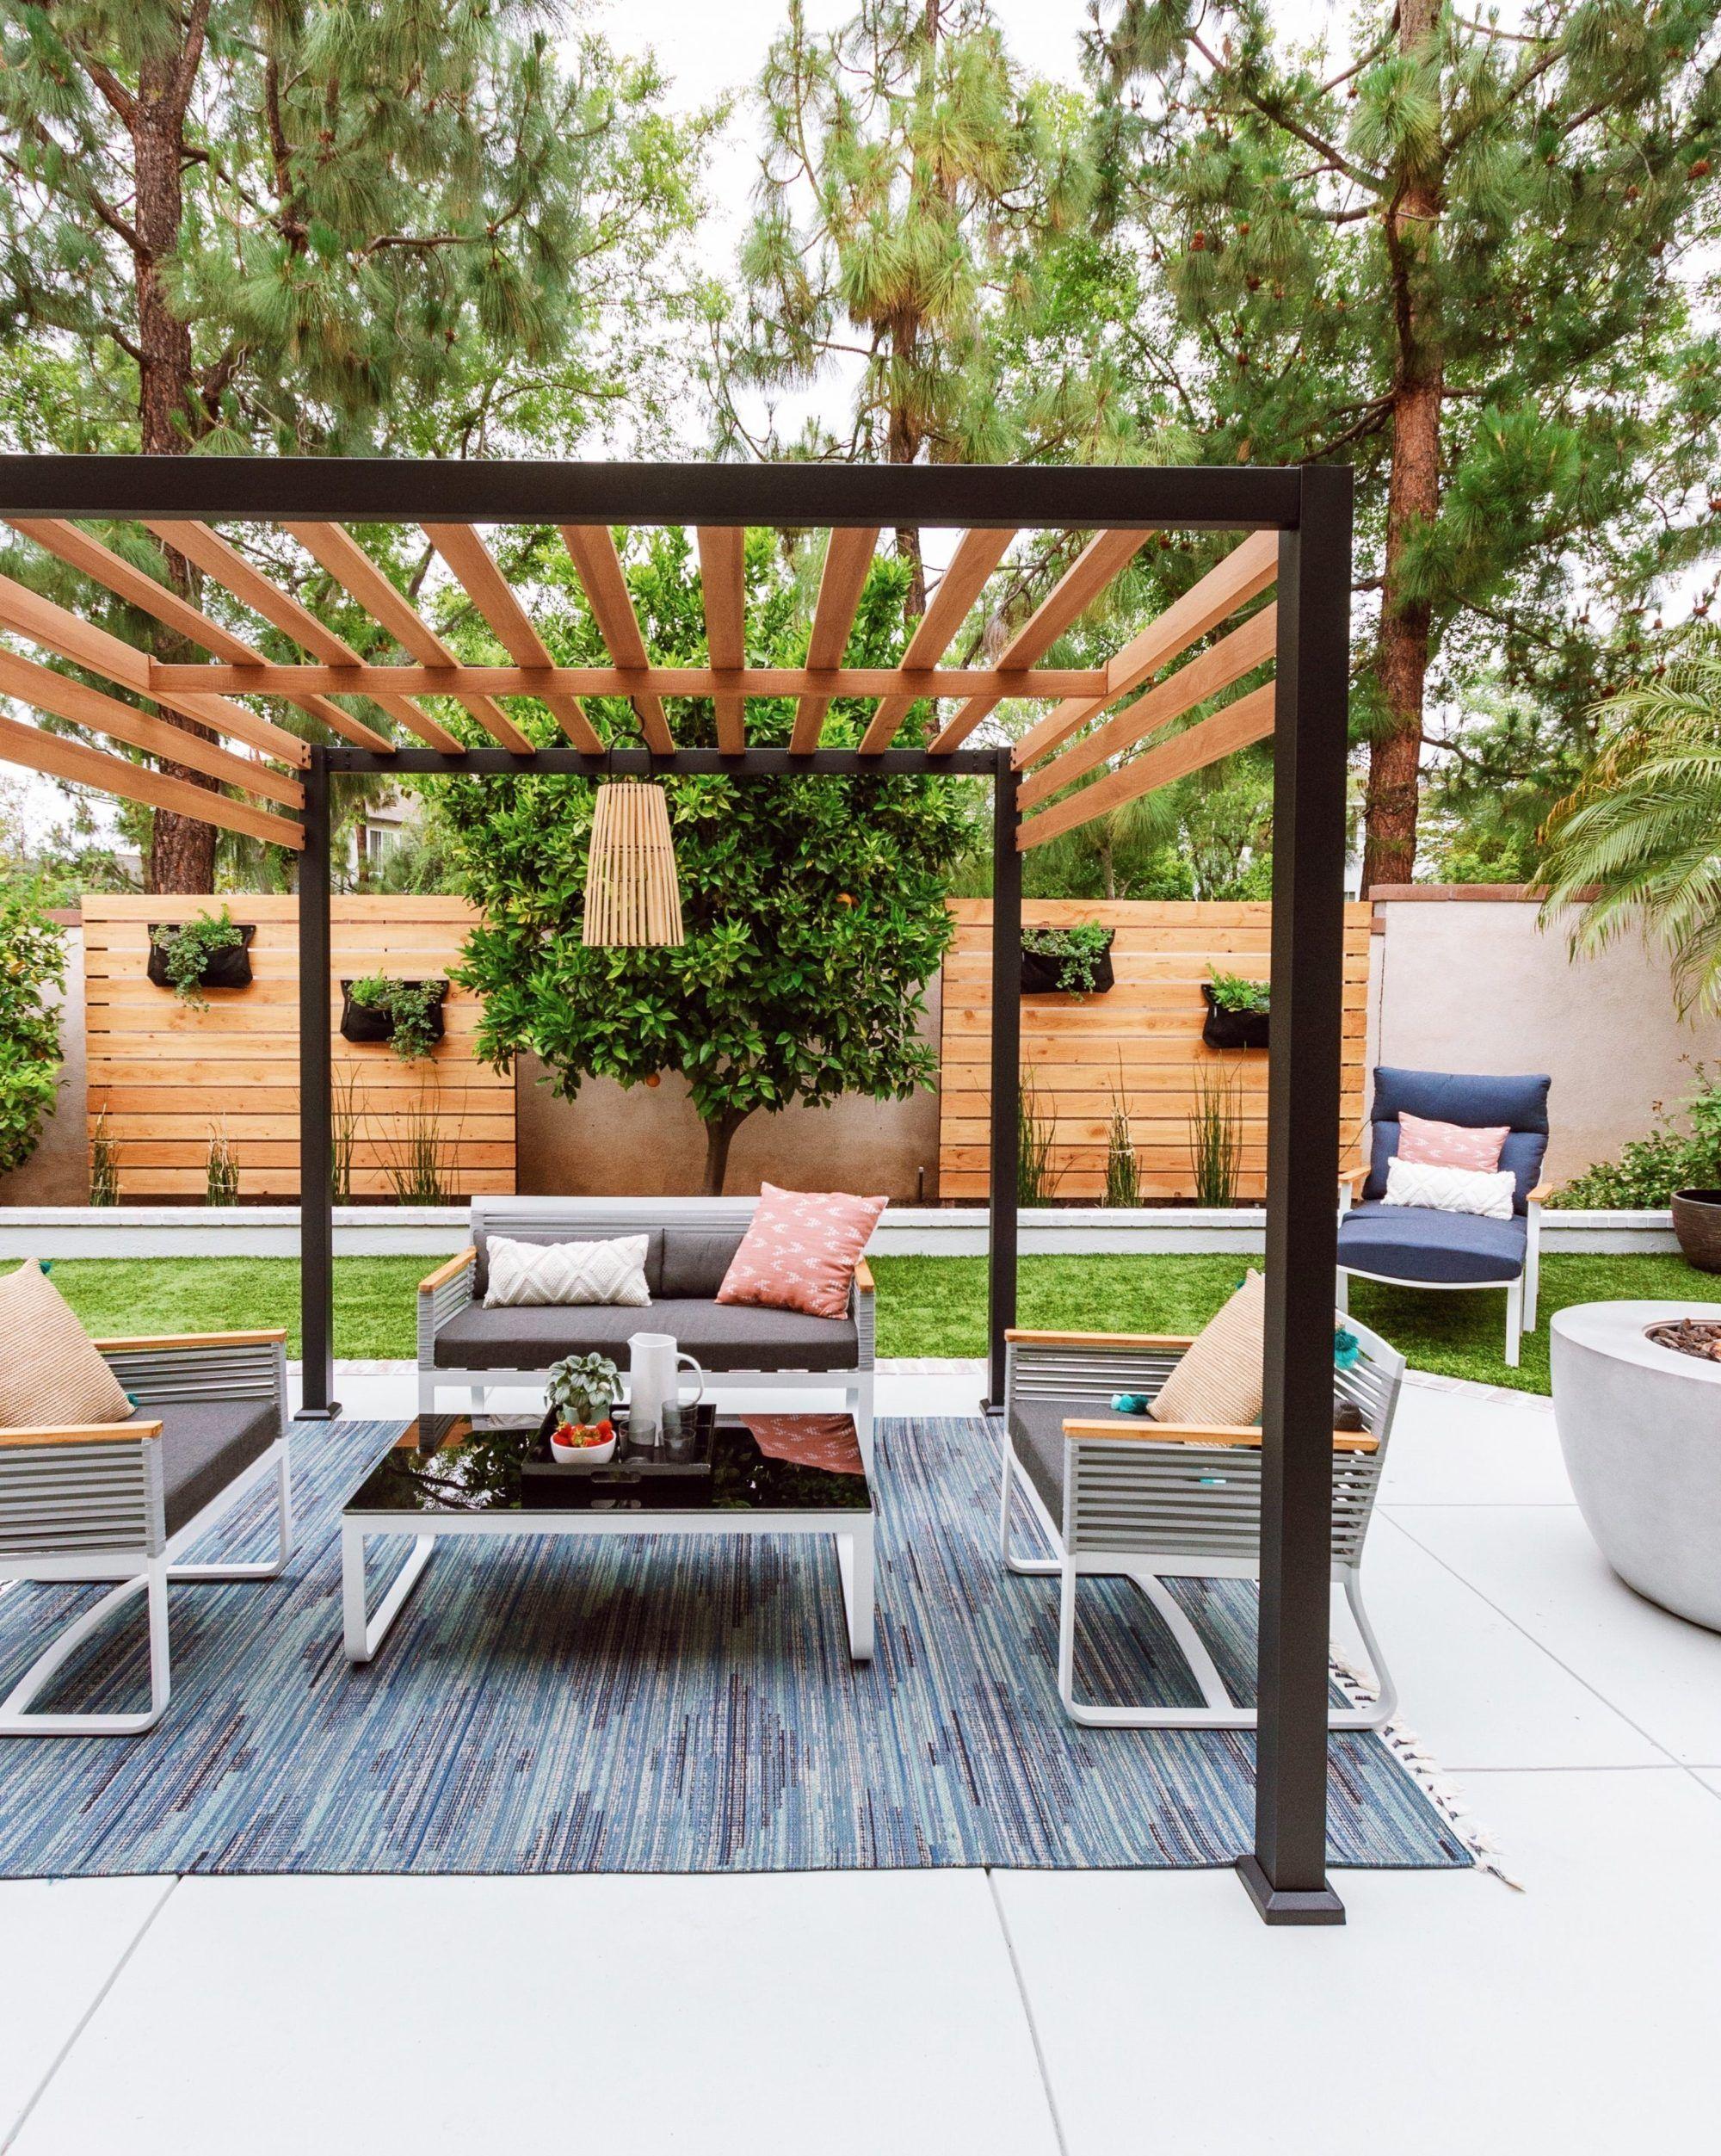 Backyard Makeover Patio Furniture - Anita Yokota